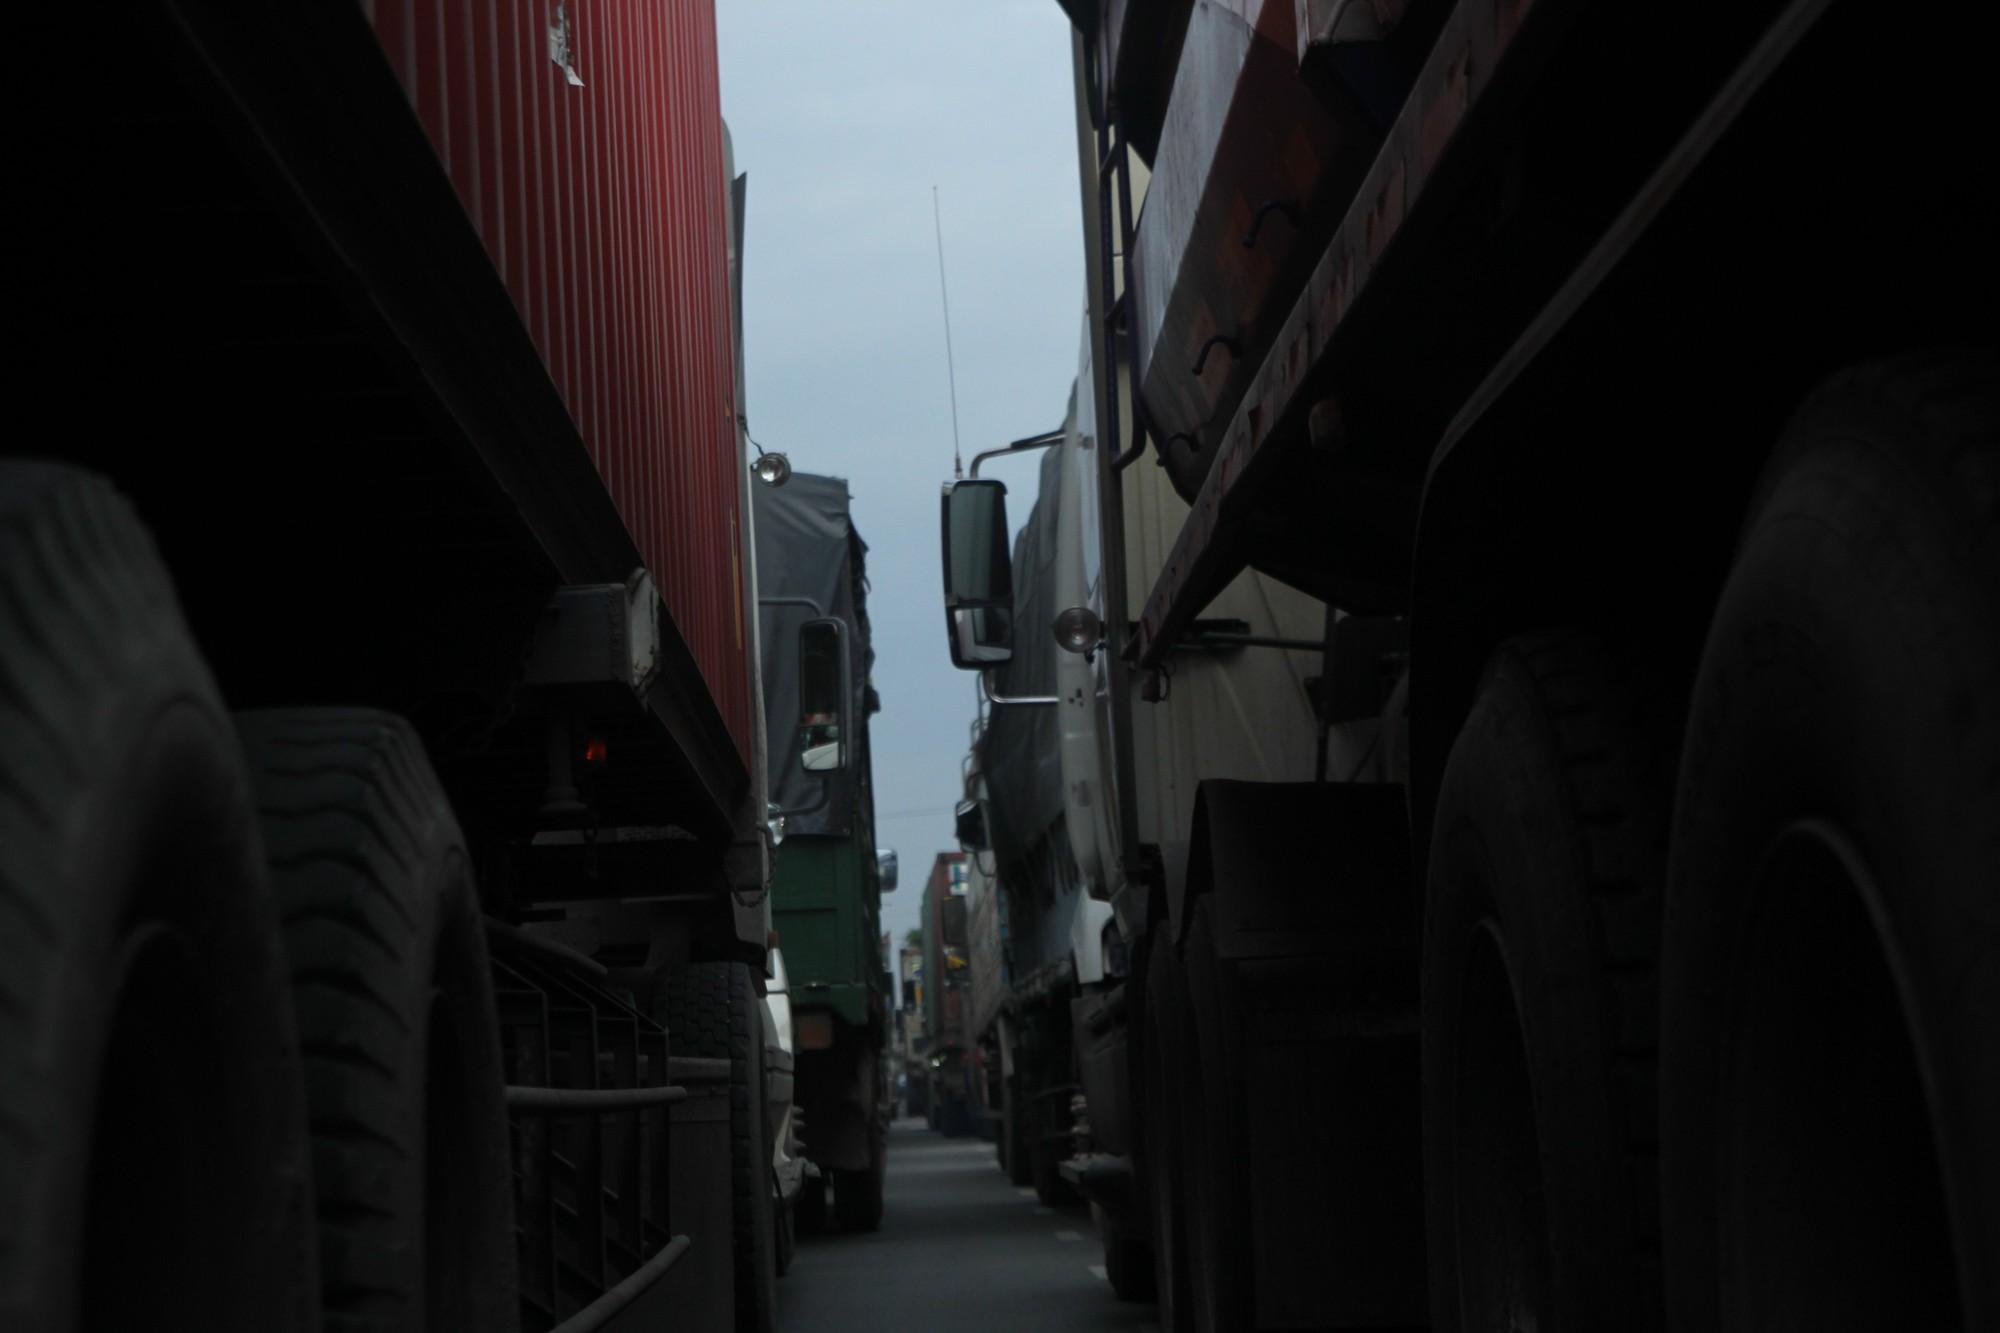 Hàng trăm phương tiện chôn chân trên đường, giao thông tê liệt - Ảnh 2.